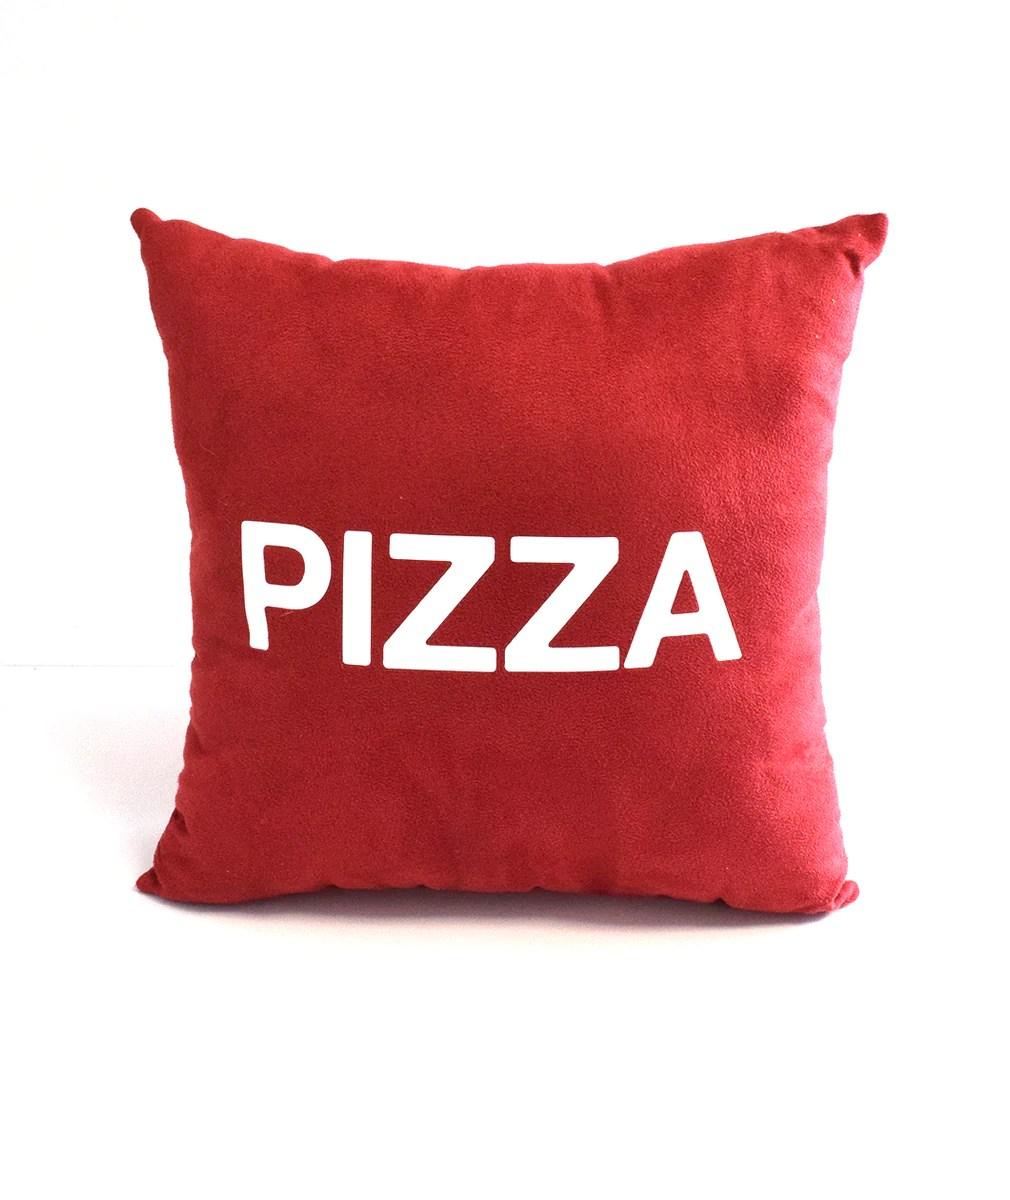 pizza john throw pillow